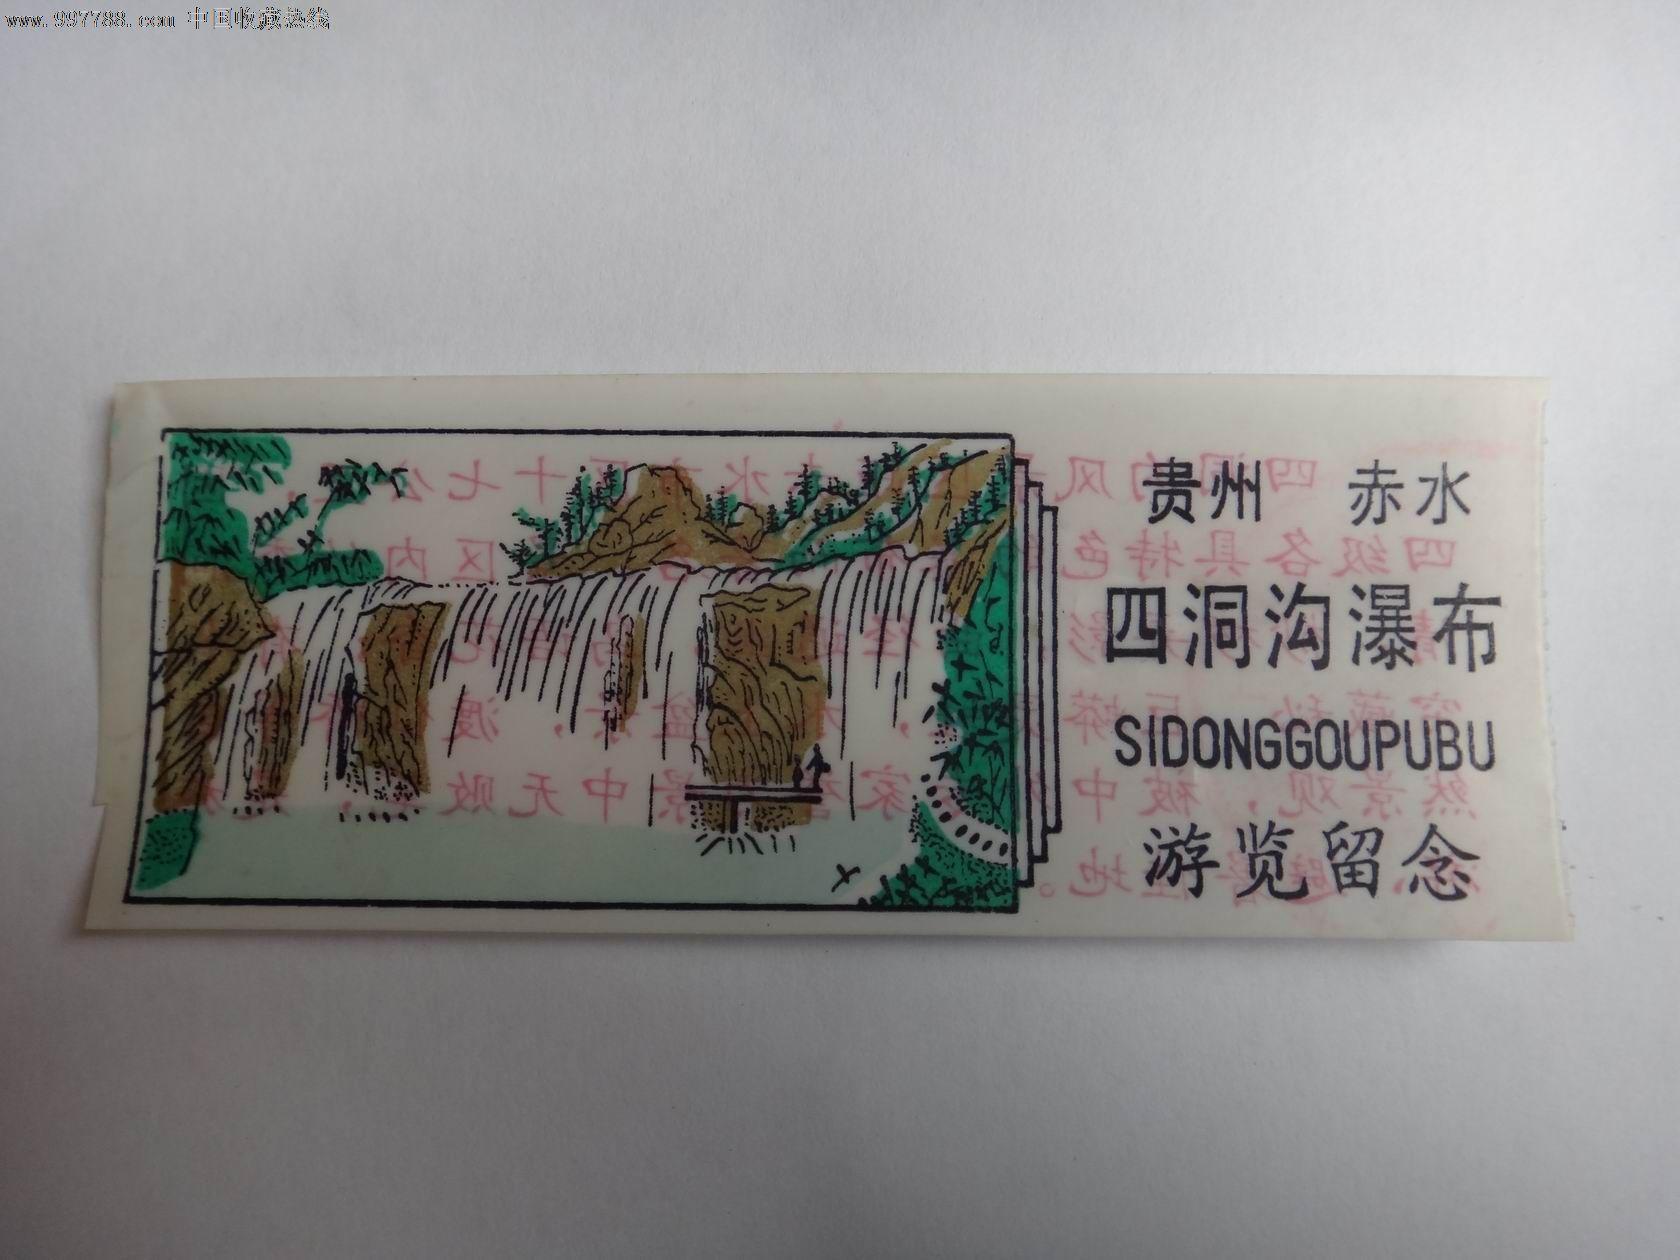 贵州赤水四洞沟风景区门券-se13756943-旅游景点门票